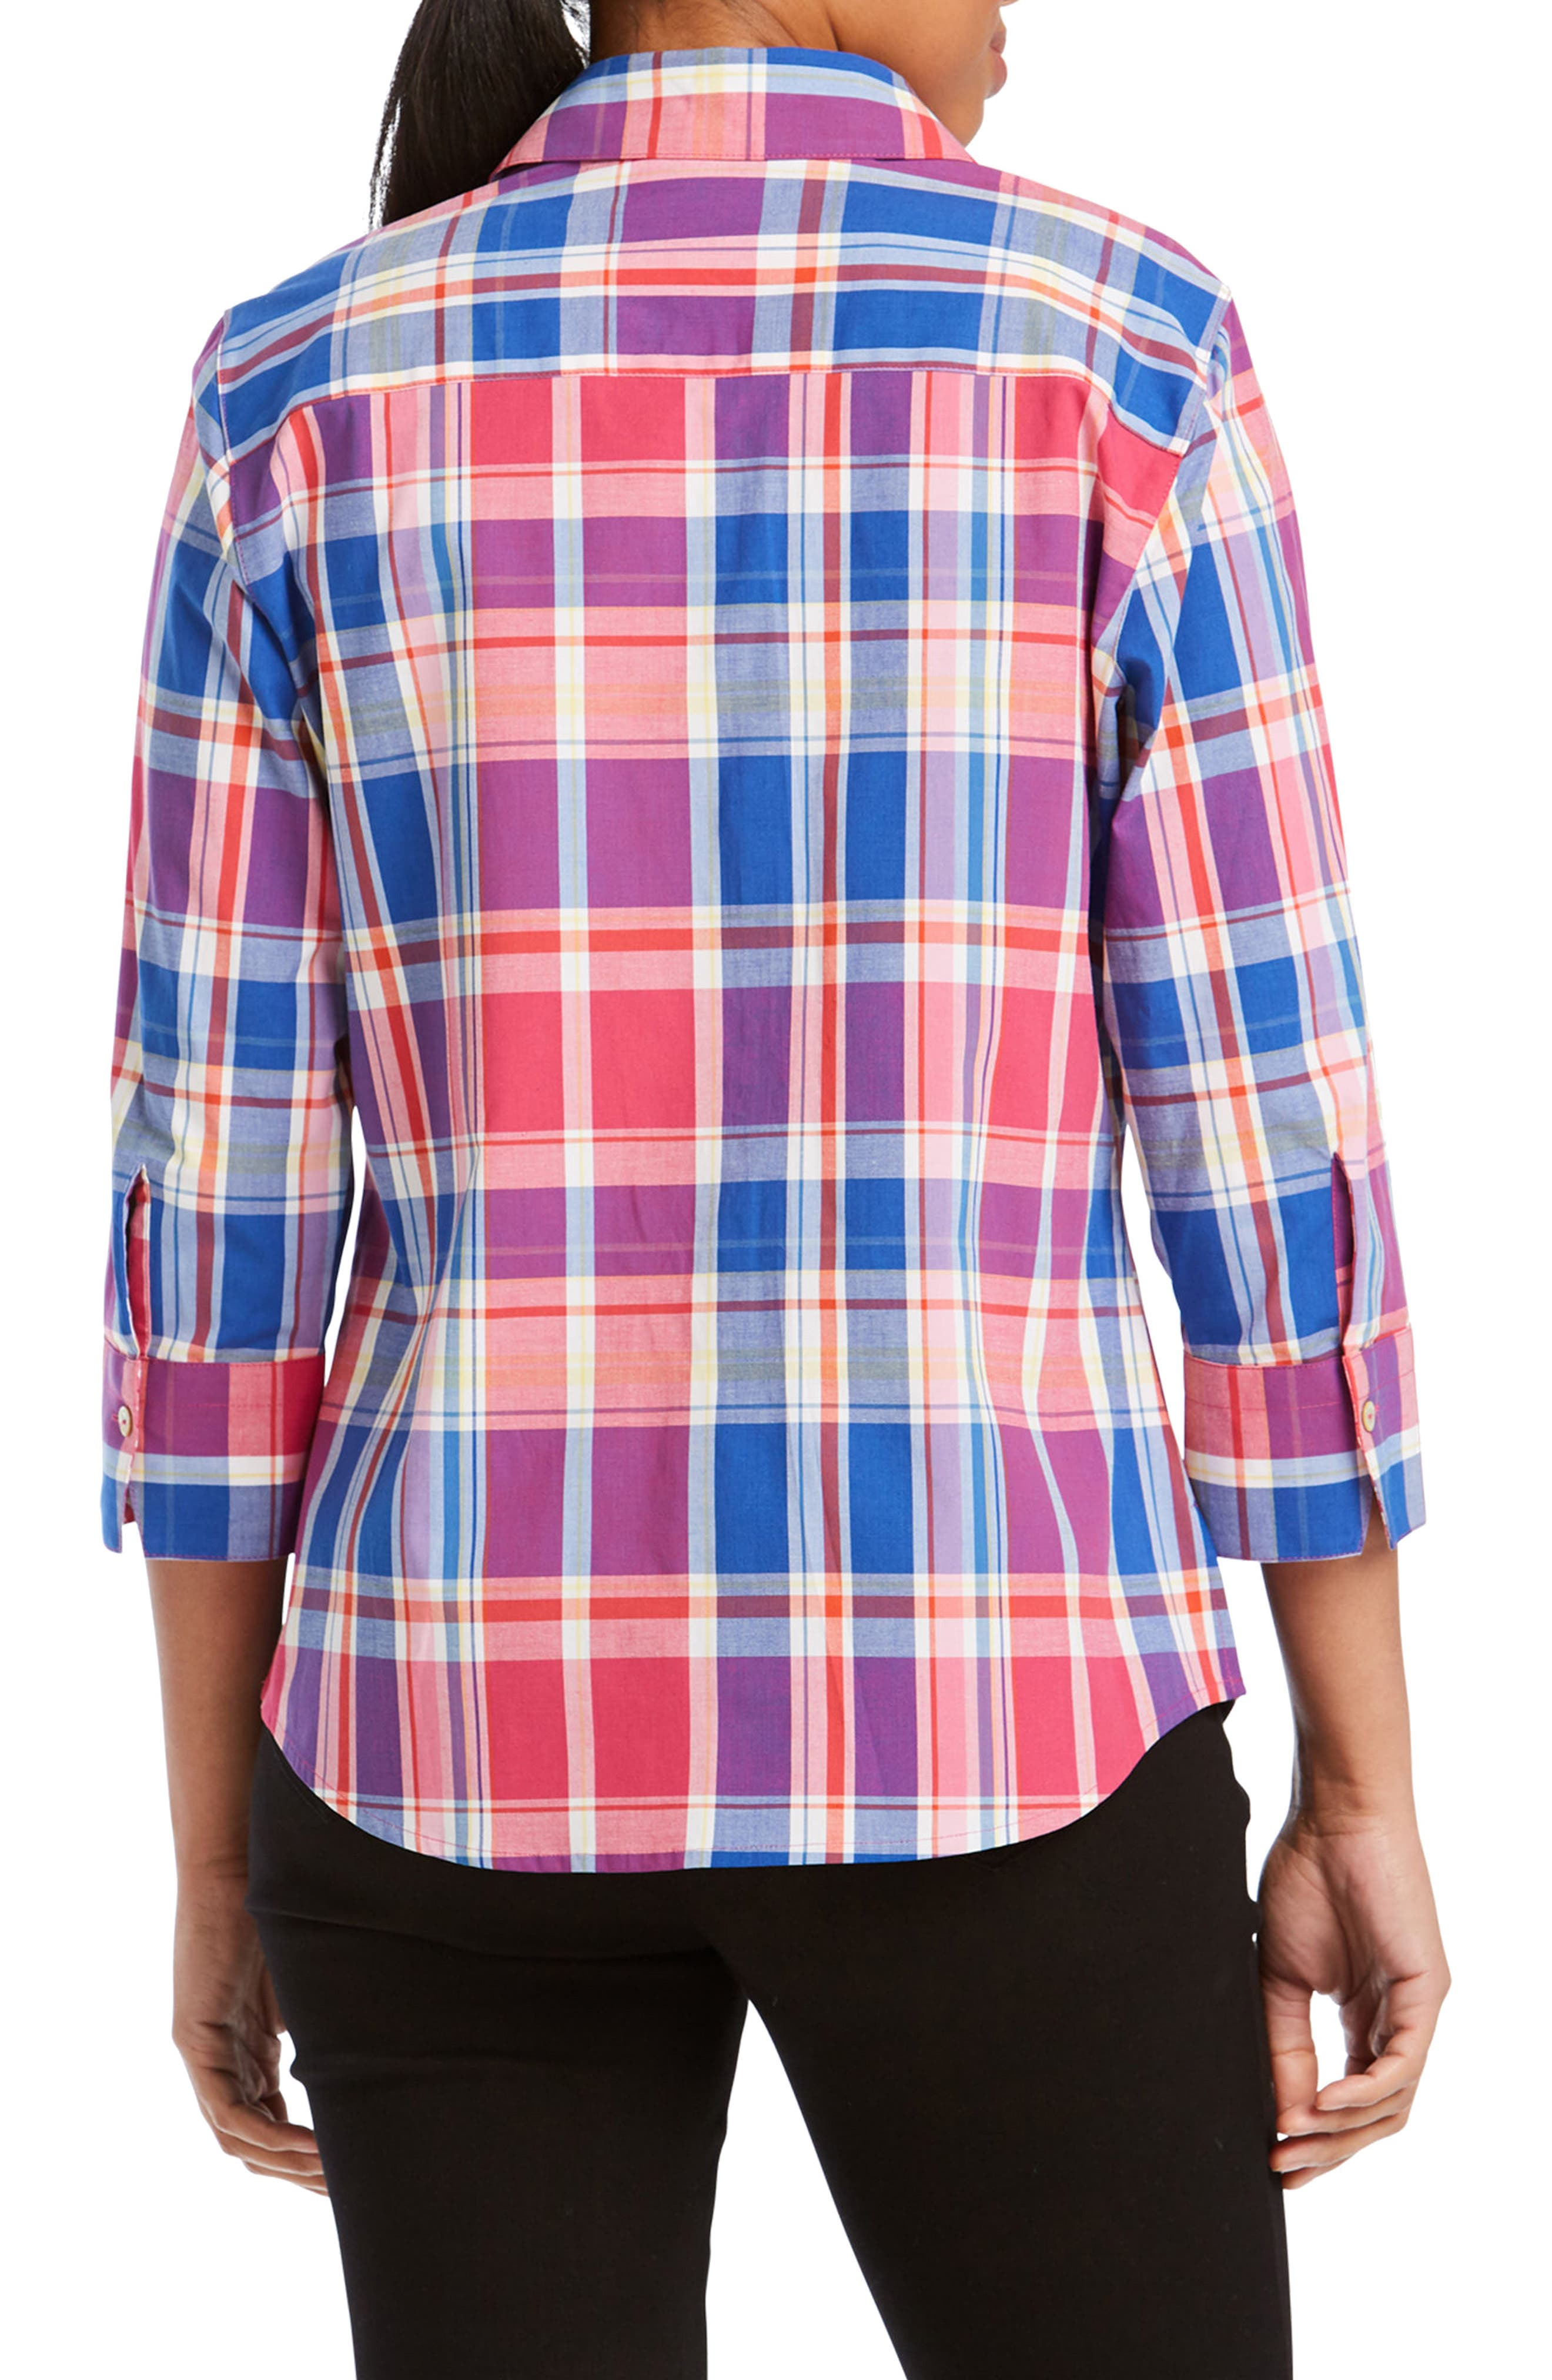 Mary Madras Plaid Shirt,                             Alternate thumbnail 2, color,                             MULTI PLAID